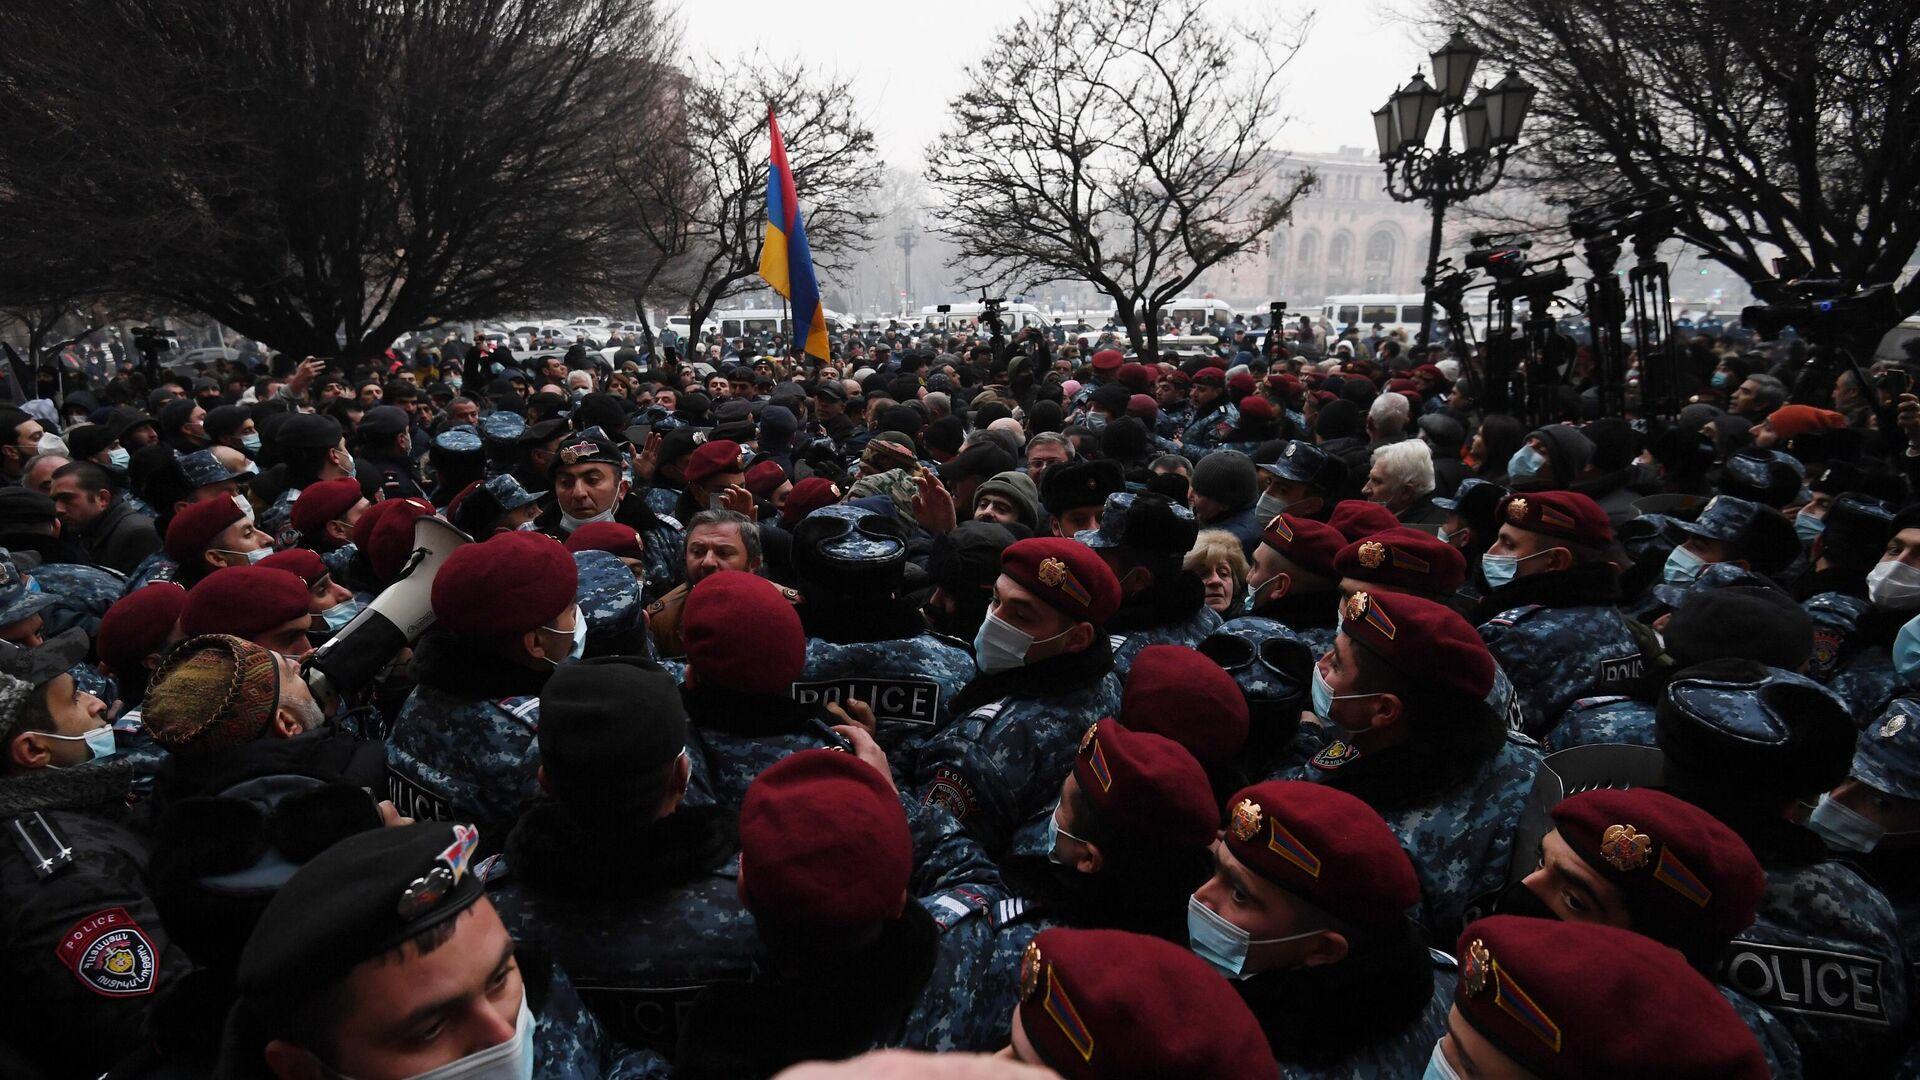 Полицейские во время акции протеста с требованием отставки премьер-министра Армении Никола Пашиняна возле здания генеральной прокуратуры в Ереване - РИА Новости, 1920, 20.02.2021